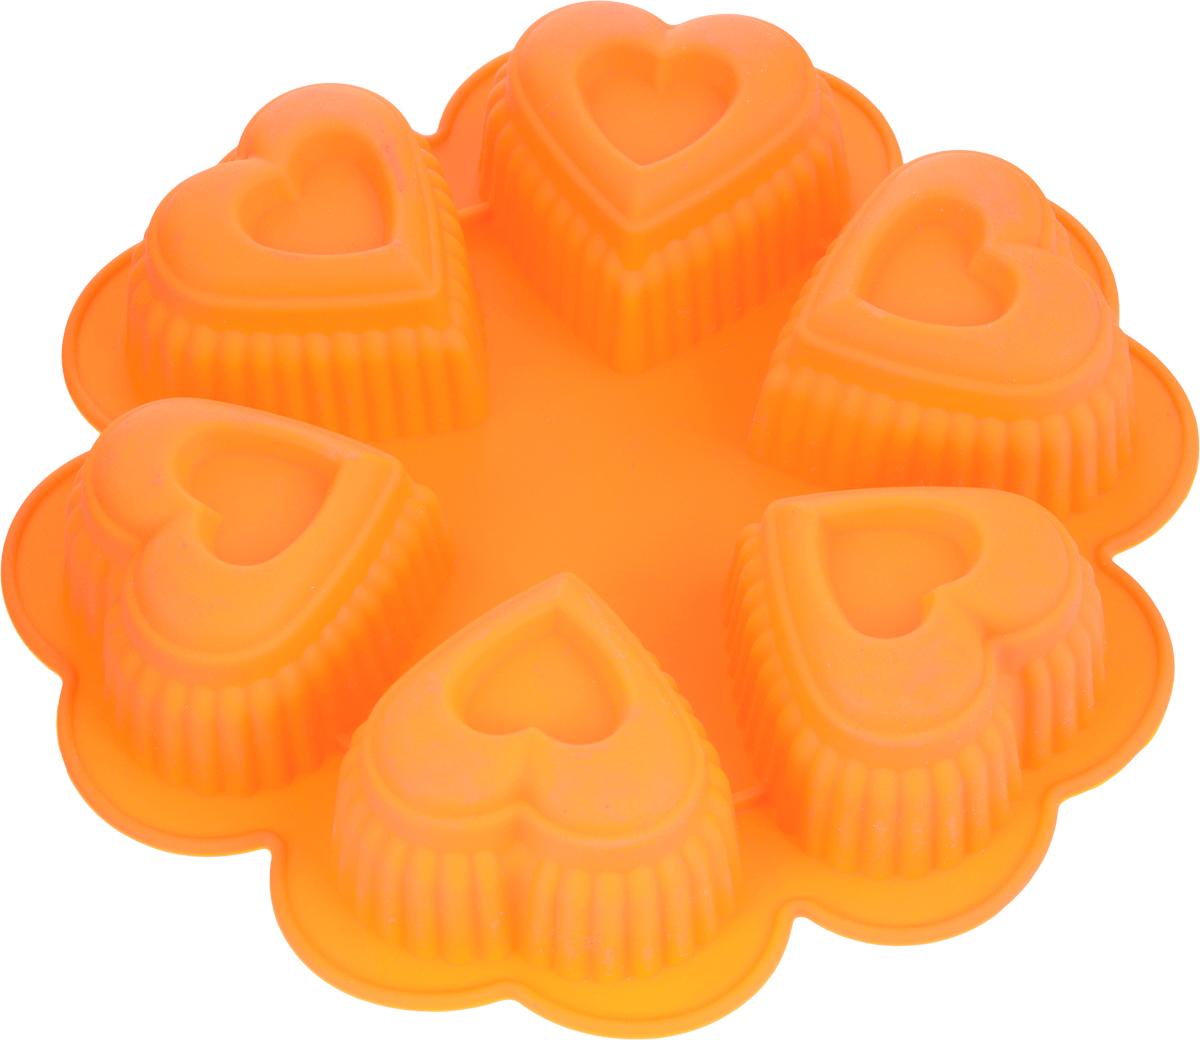 Форма для выпечки Marmiton Сердце, цвет: оранжевый, 25,5 х 25,5 х 5 см, 6 ячеек16027_оранжевыйФорма для выпечки Marmiton Сердце выполнена из силикона. На одном листе расположены 6 ячеек в виде сердец. Благодаря тому, что форма изготовлена из силикона, готовый лед, выпечку или мармелад вынимать легко и просто.Материал устойчив к фруктовым кислотам, может быть использован в духовках и микроволновых печах (выдерживает температуру от -40°С до 230°С). Можно мыть и сушить в посудомоечной машине.Общий размер формы: 25,5 х 25,5 х 5 см.Размер ячейки: 8 х 8 х 5 см.